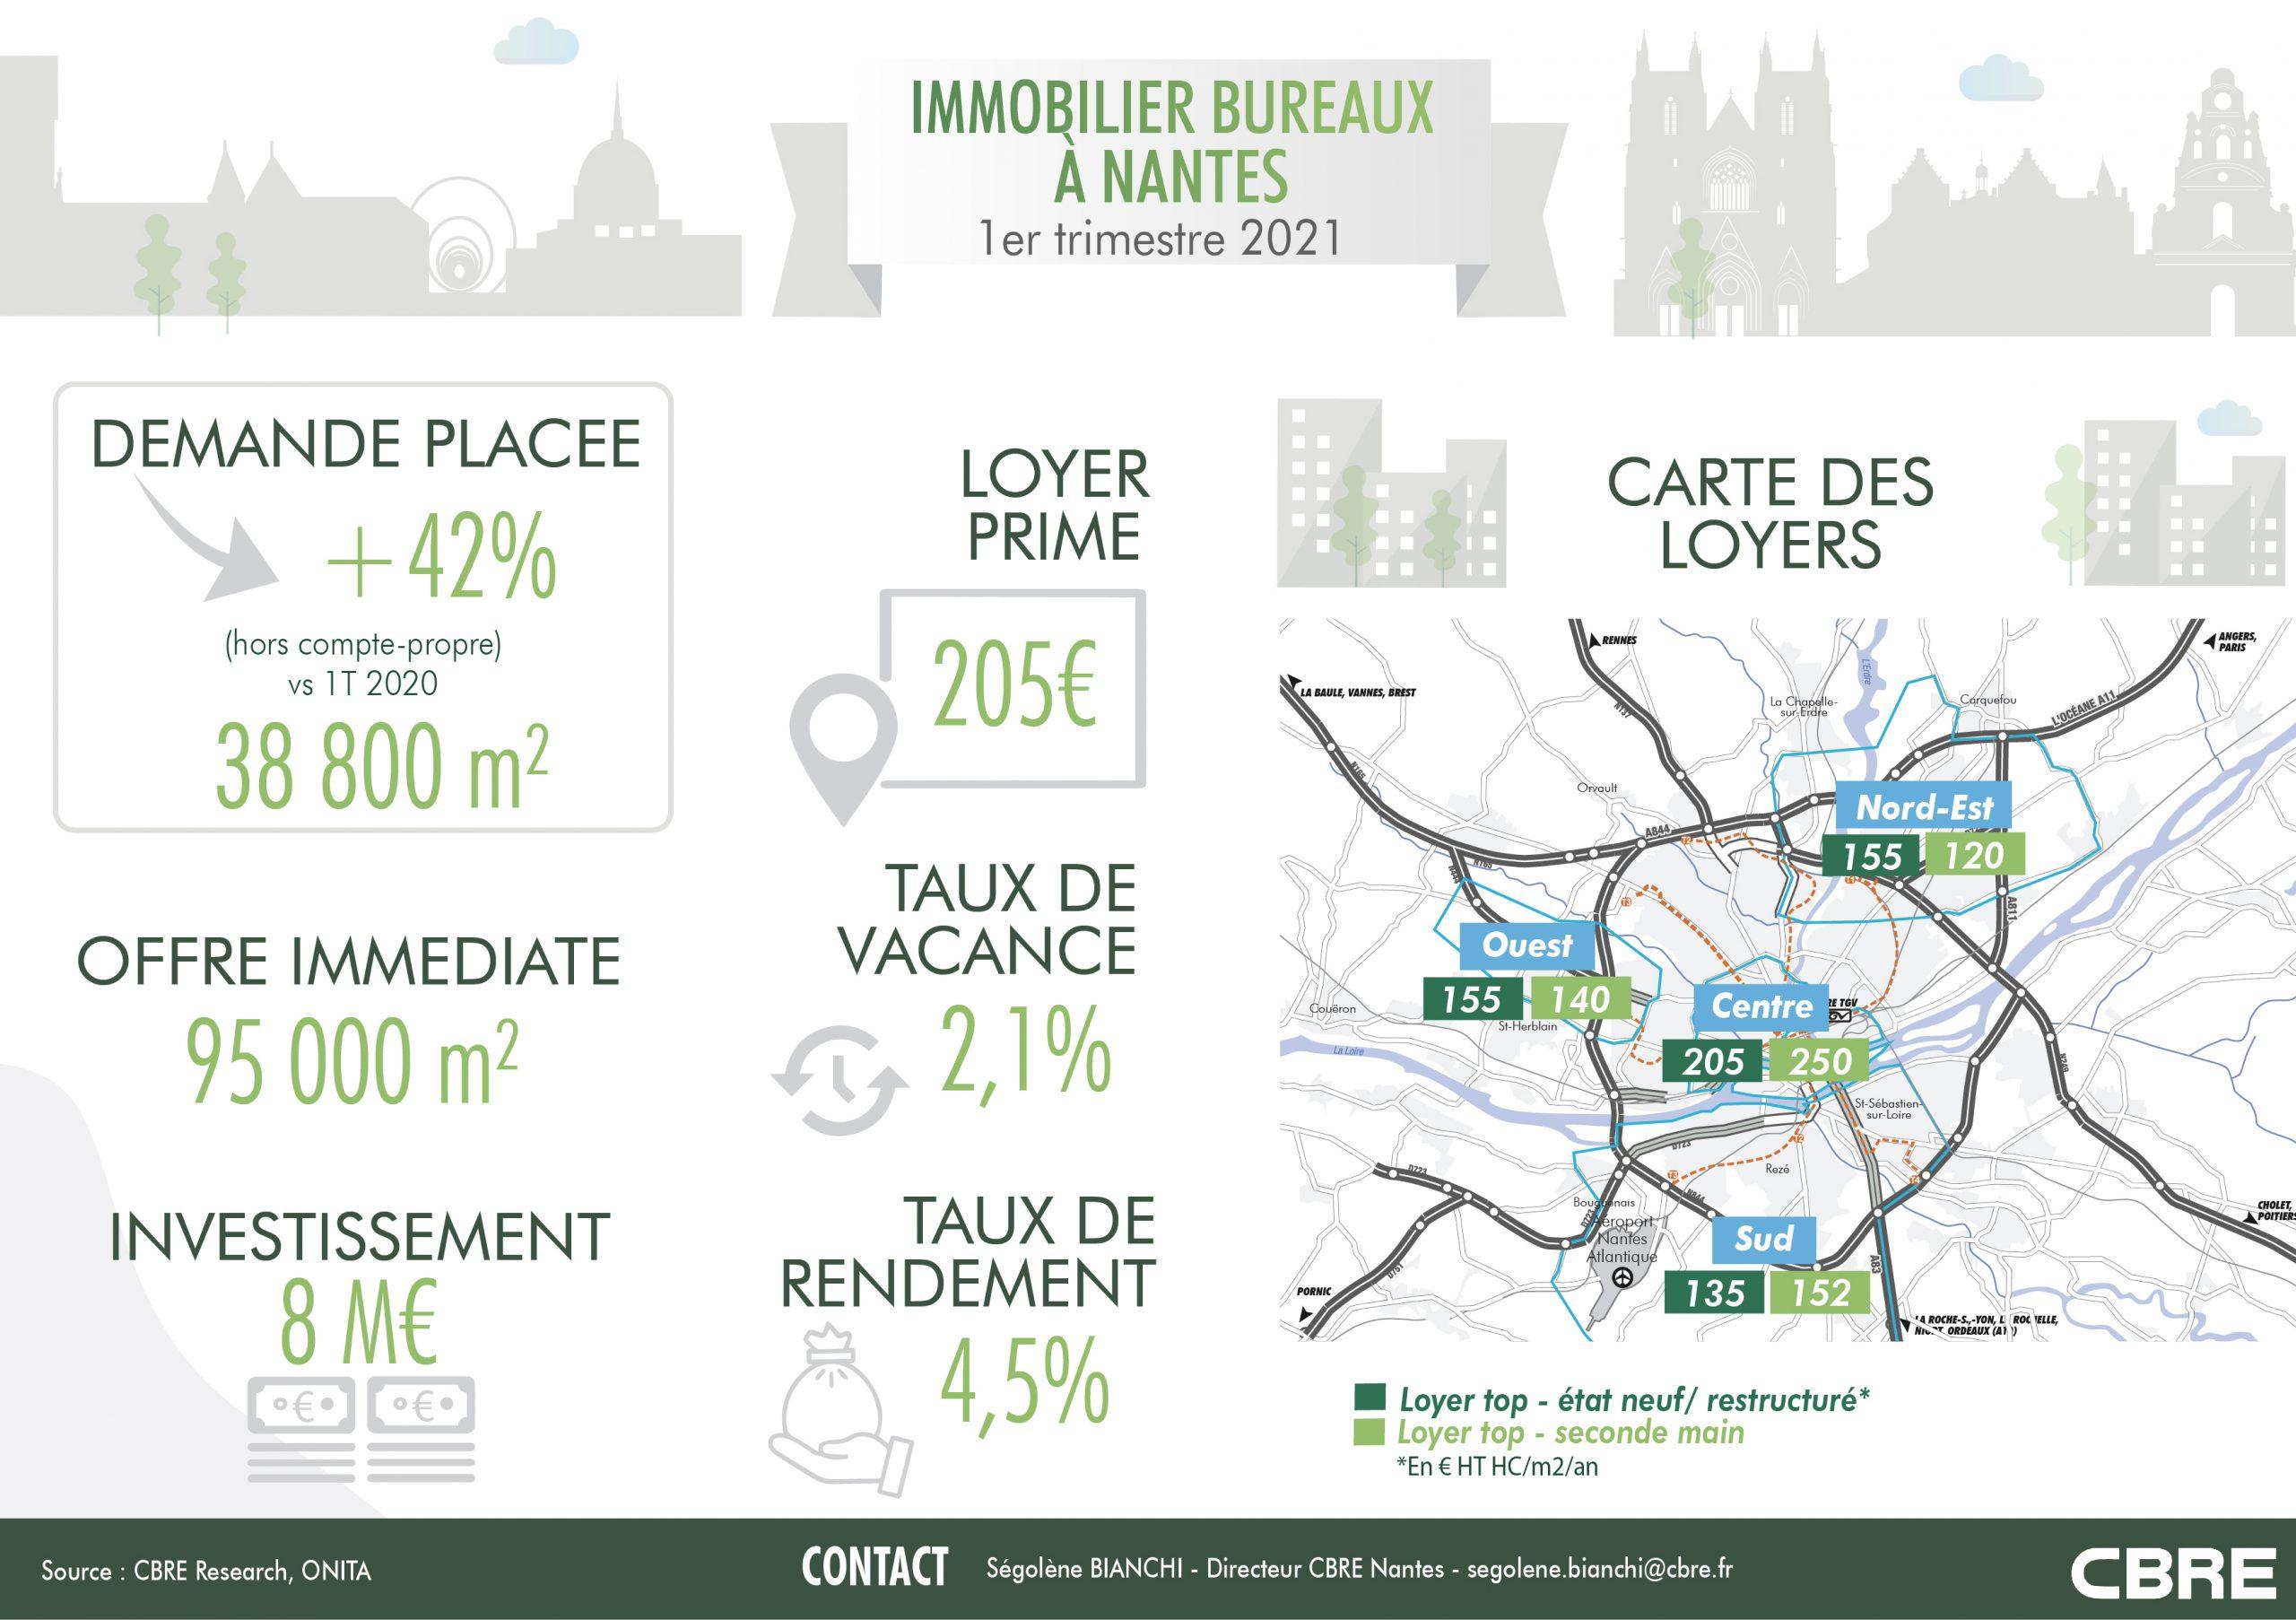 Nantes : le marché de l'immobilier bureaux en infographie